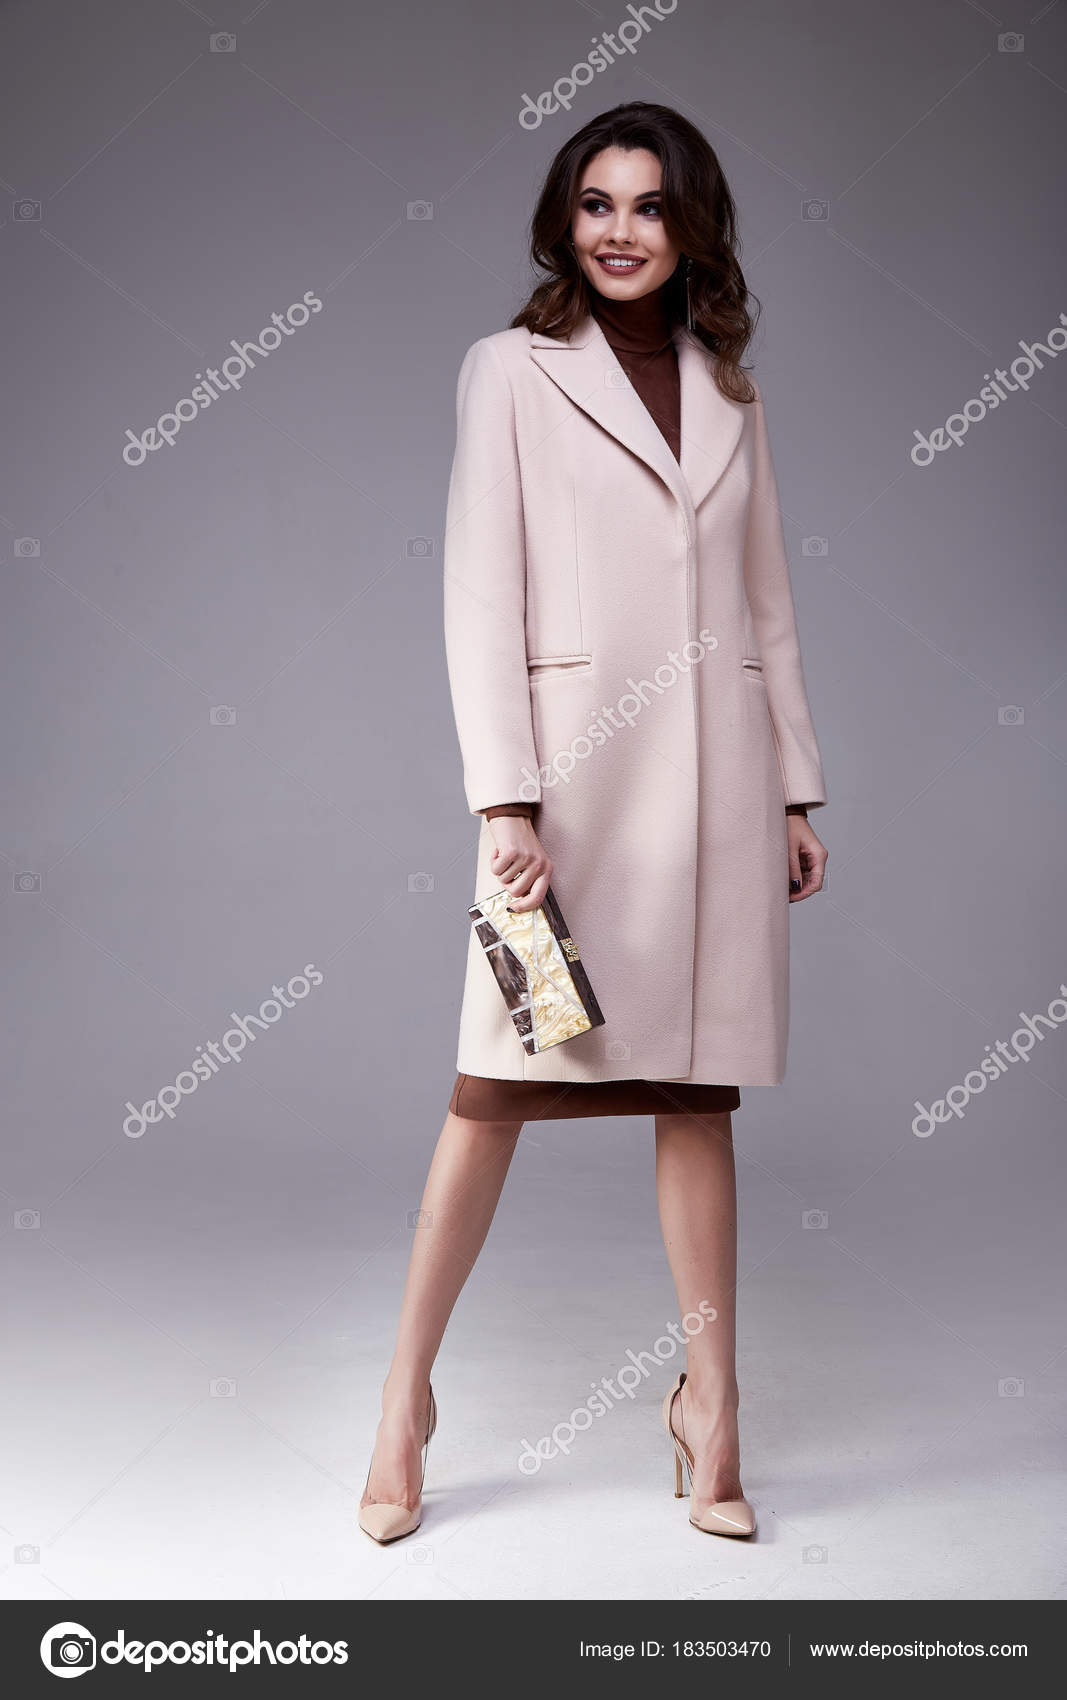 5f94ea970 Hermosa mujer sexy ropa para el estilo de oficina empresaria — Foto de Stock